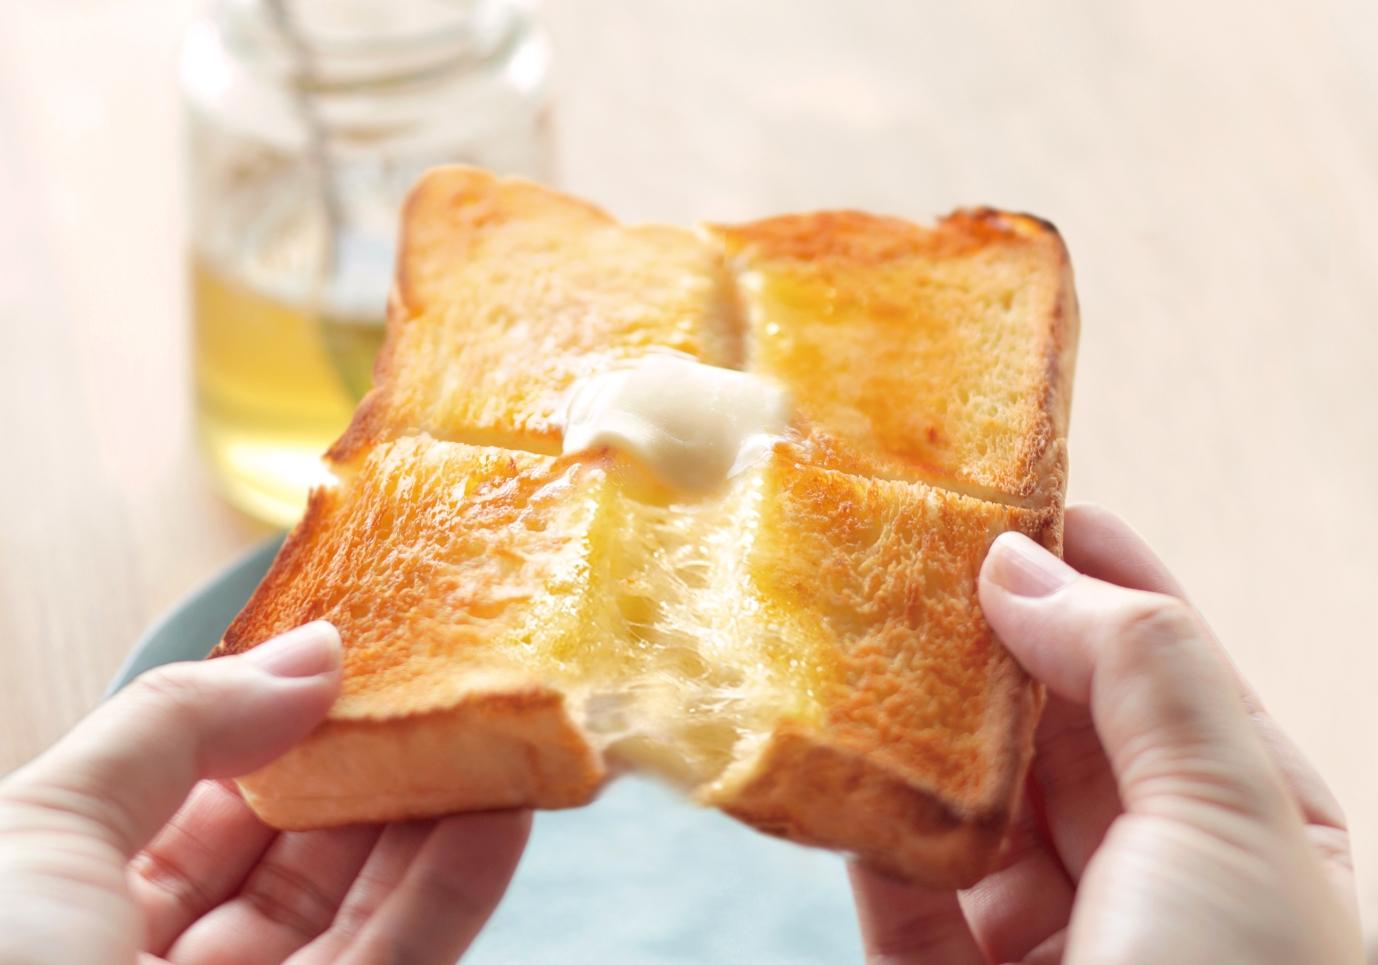 高級食パンも専用袋で気兼ねなく冷凍しよう!マーナの【パン冷凍保存袋】は美味しさそのまま